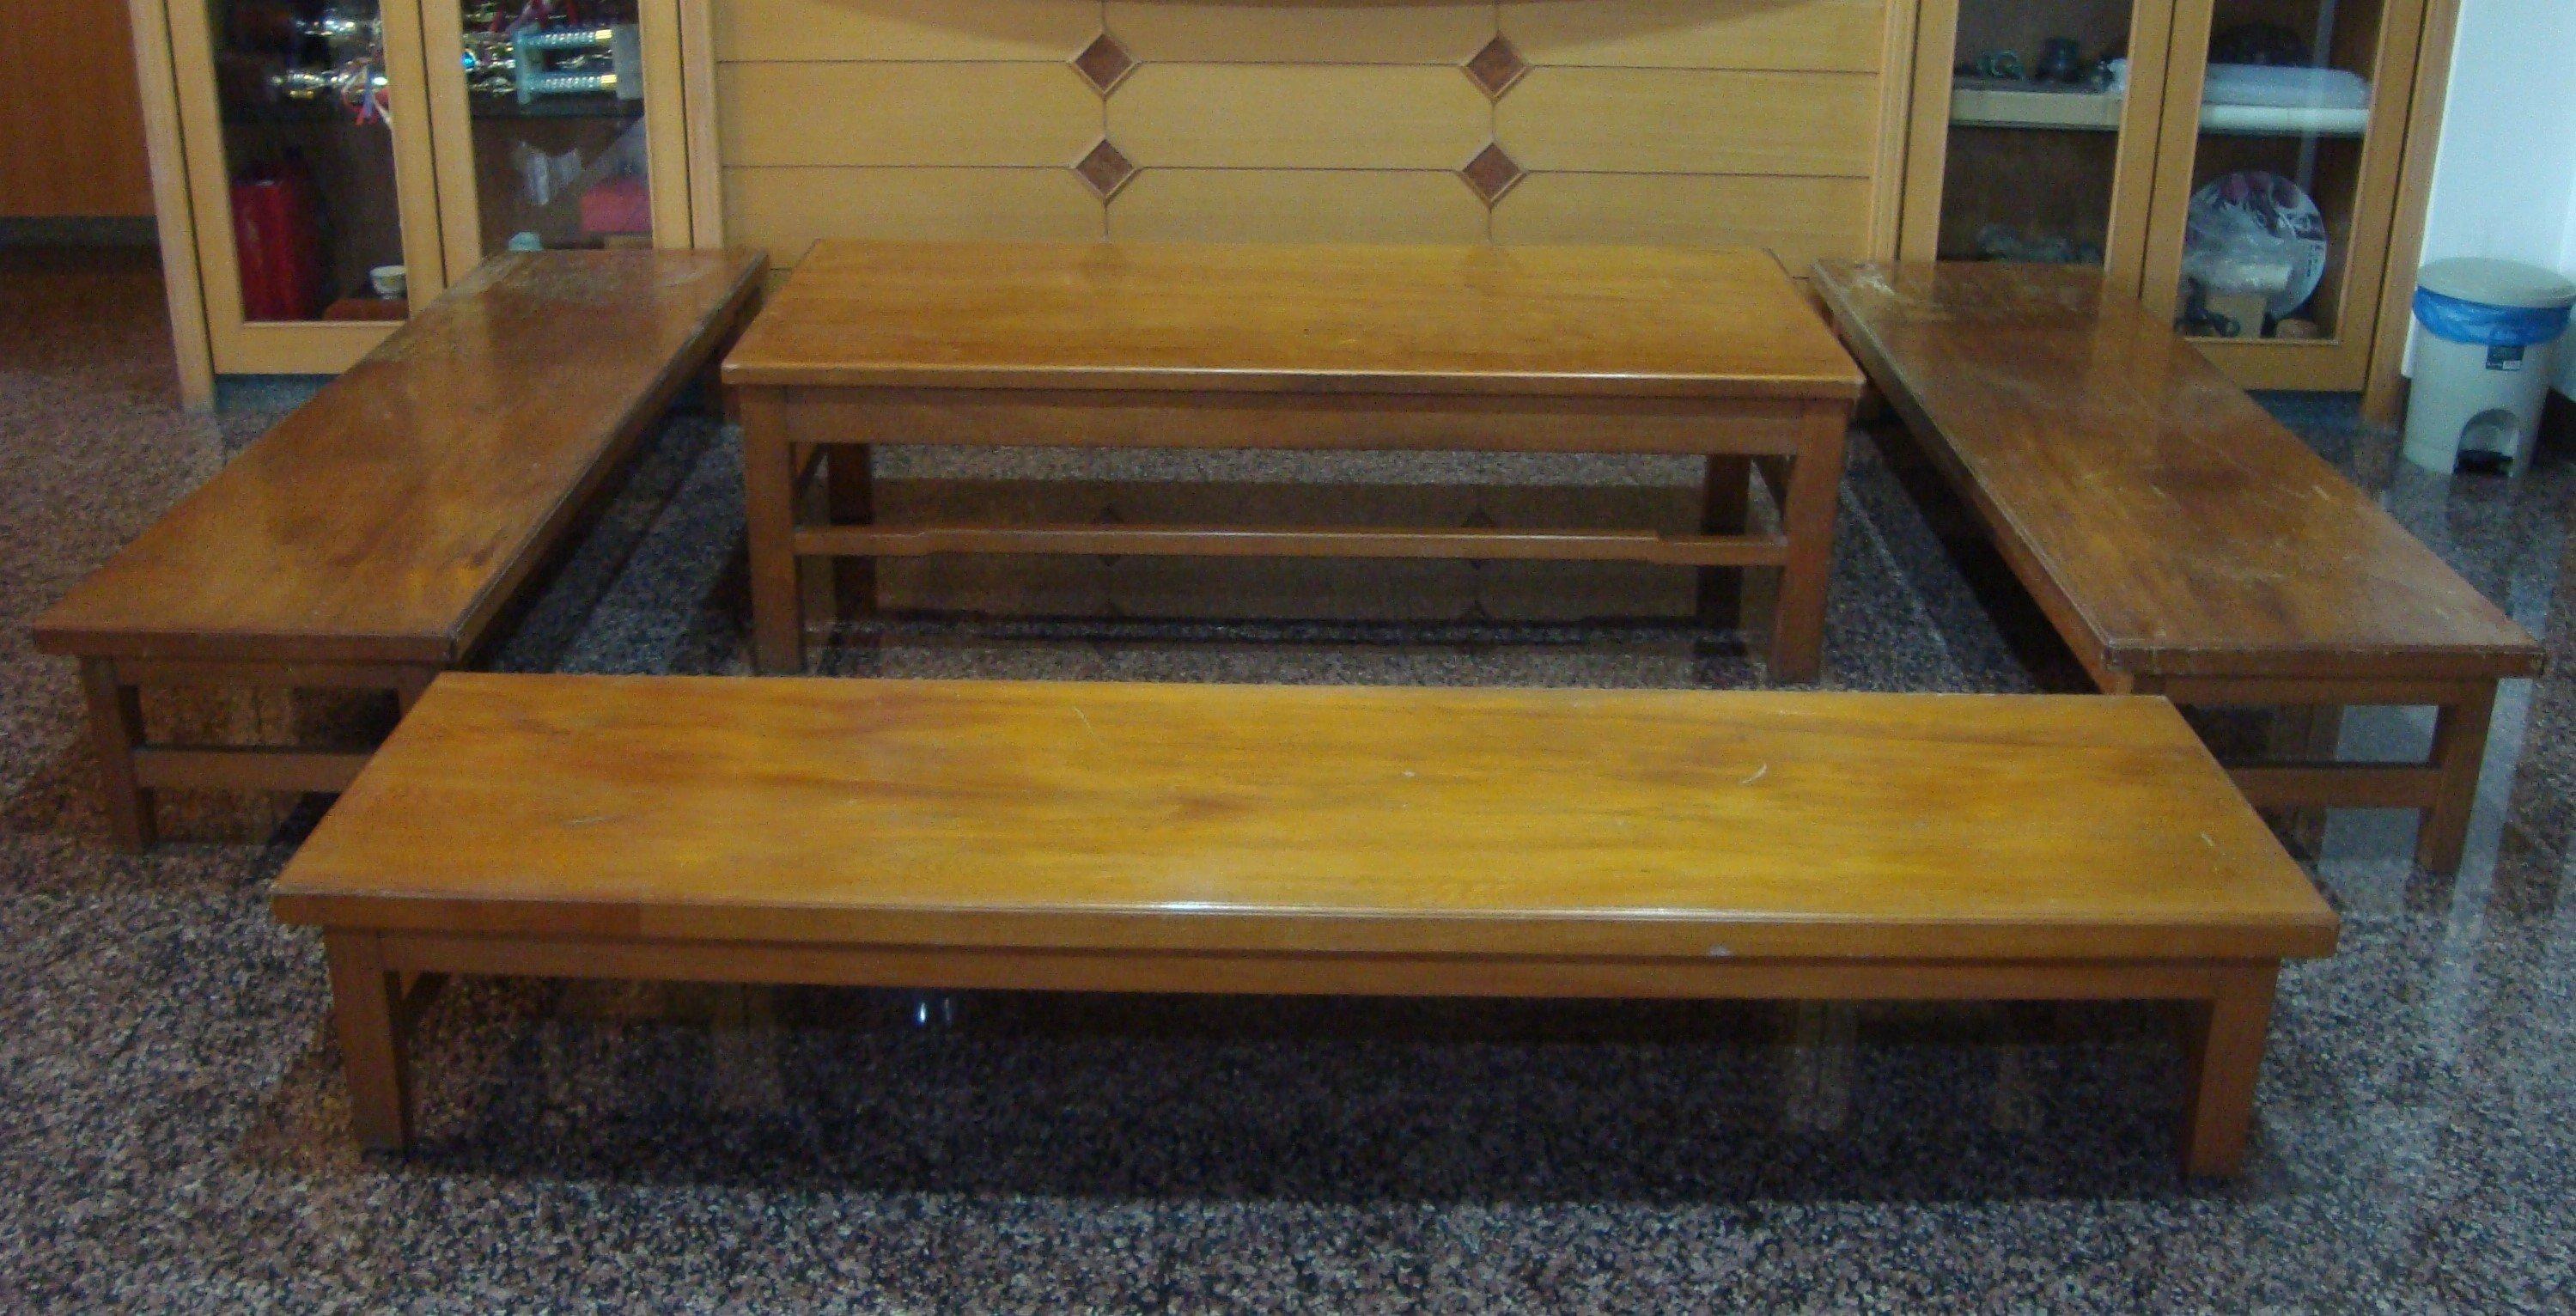 促銷價! 鳳尾紋路的早期台灣檜木泡茶長桌椅